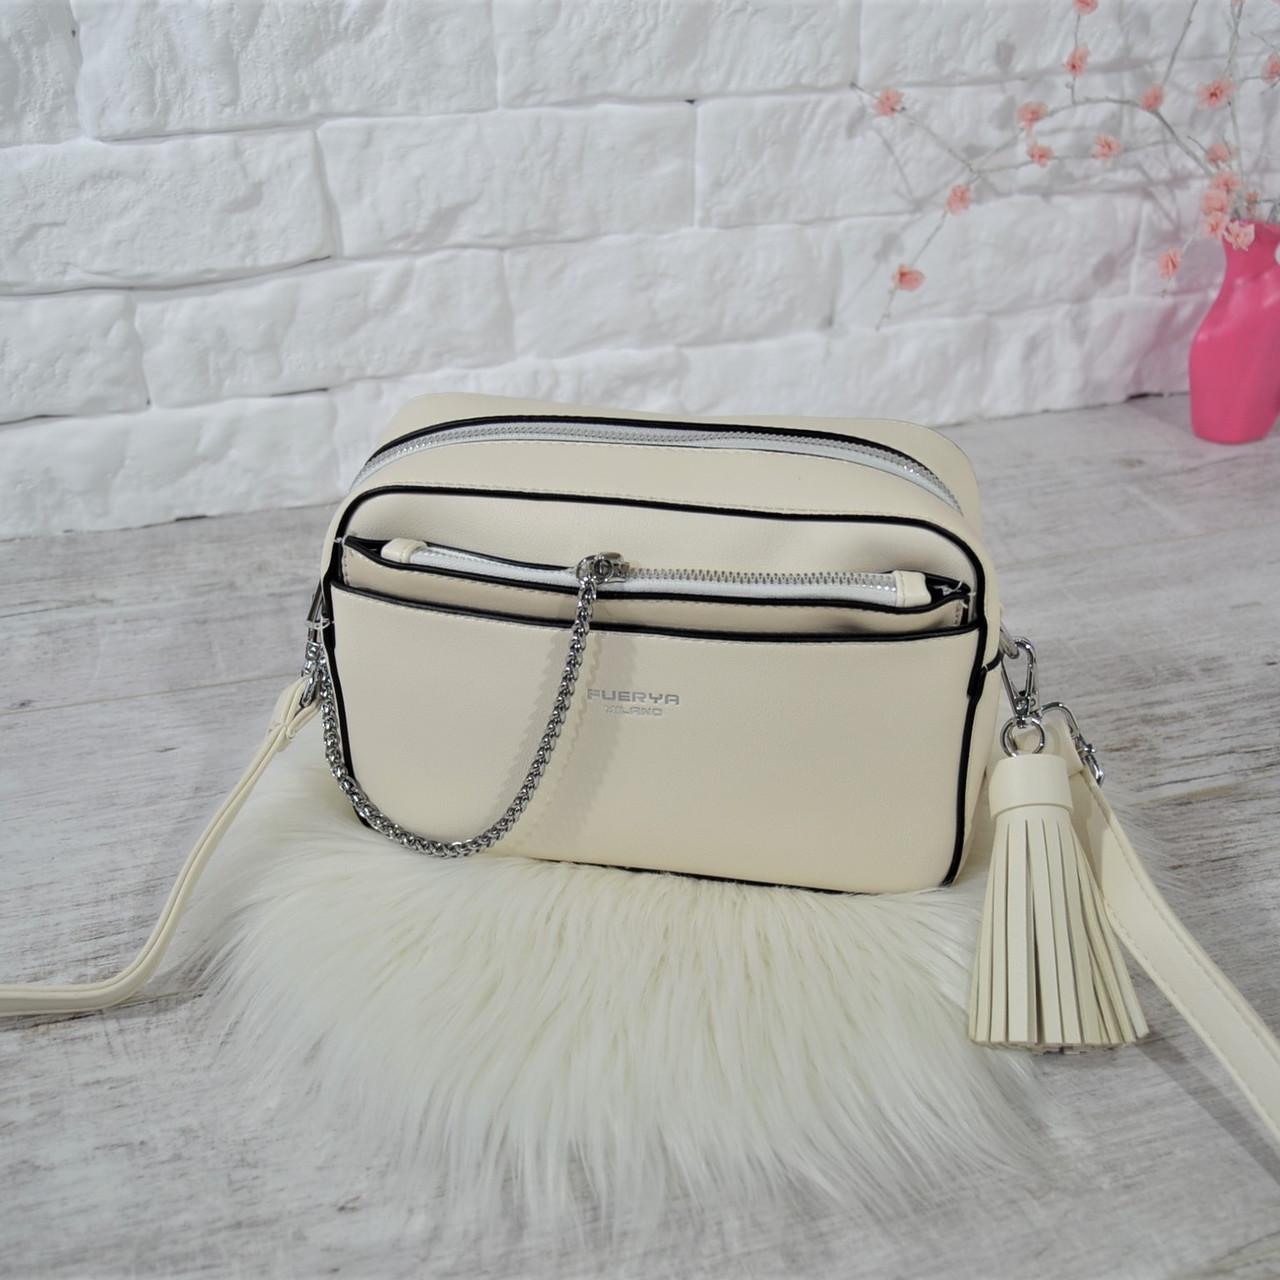 Сумочка крос-боді Fuerya Milano з ланцюжком і пензликом бежева жіноча Жіноча сумка Сумка для дівчини